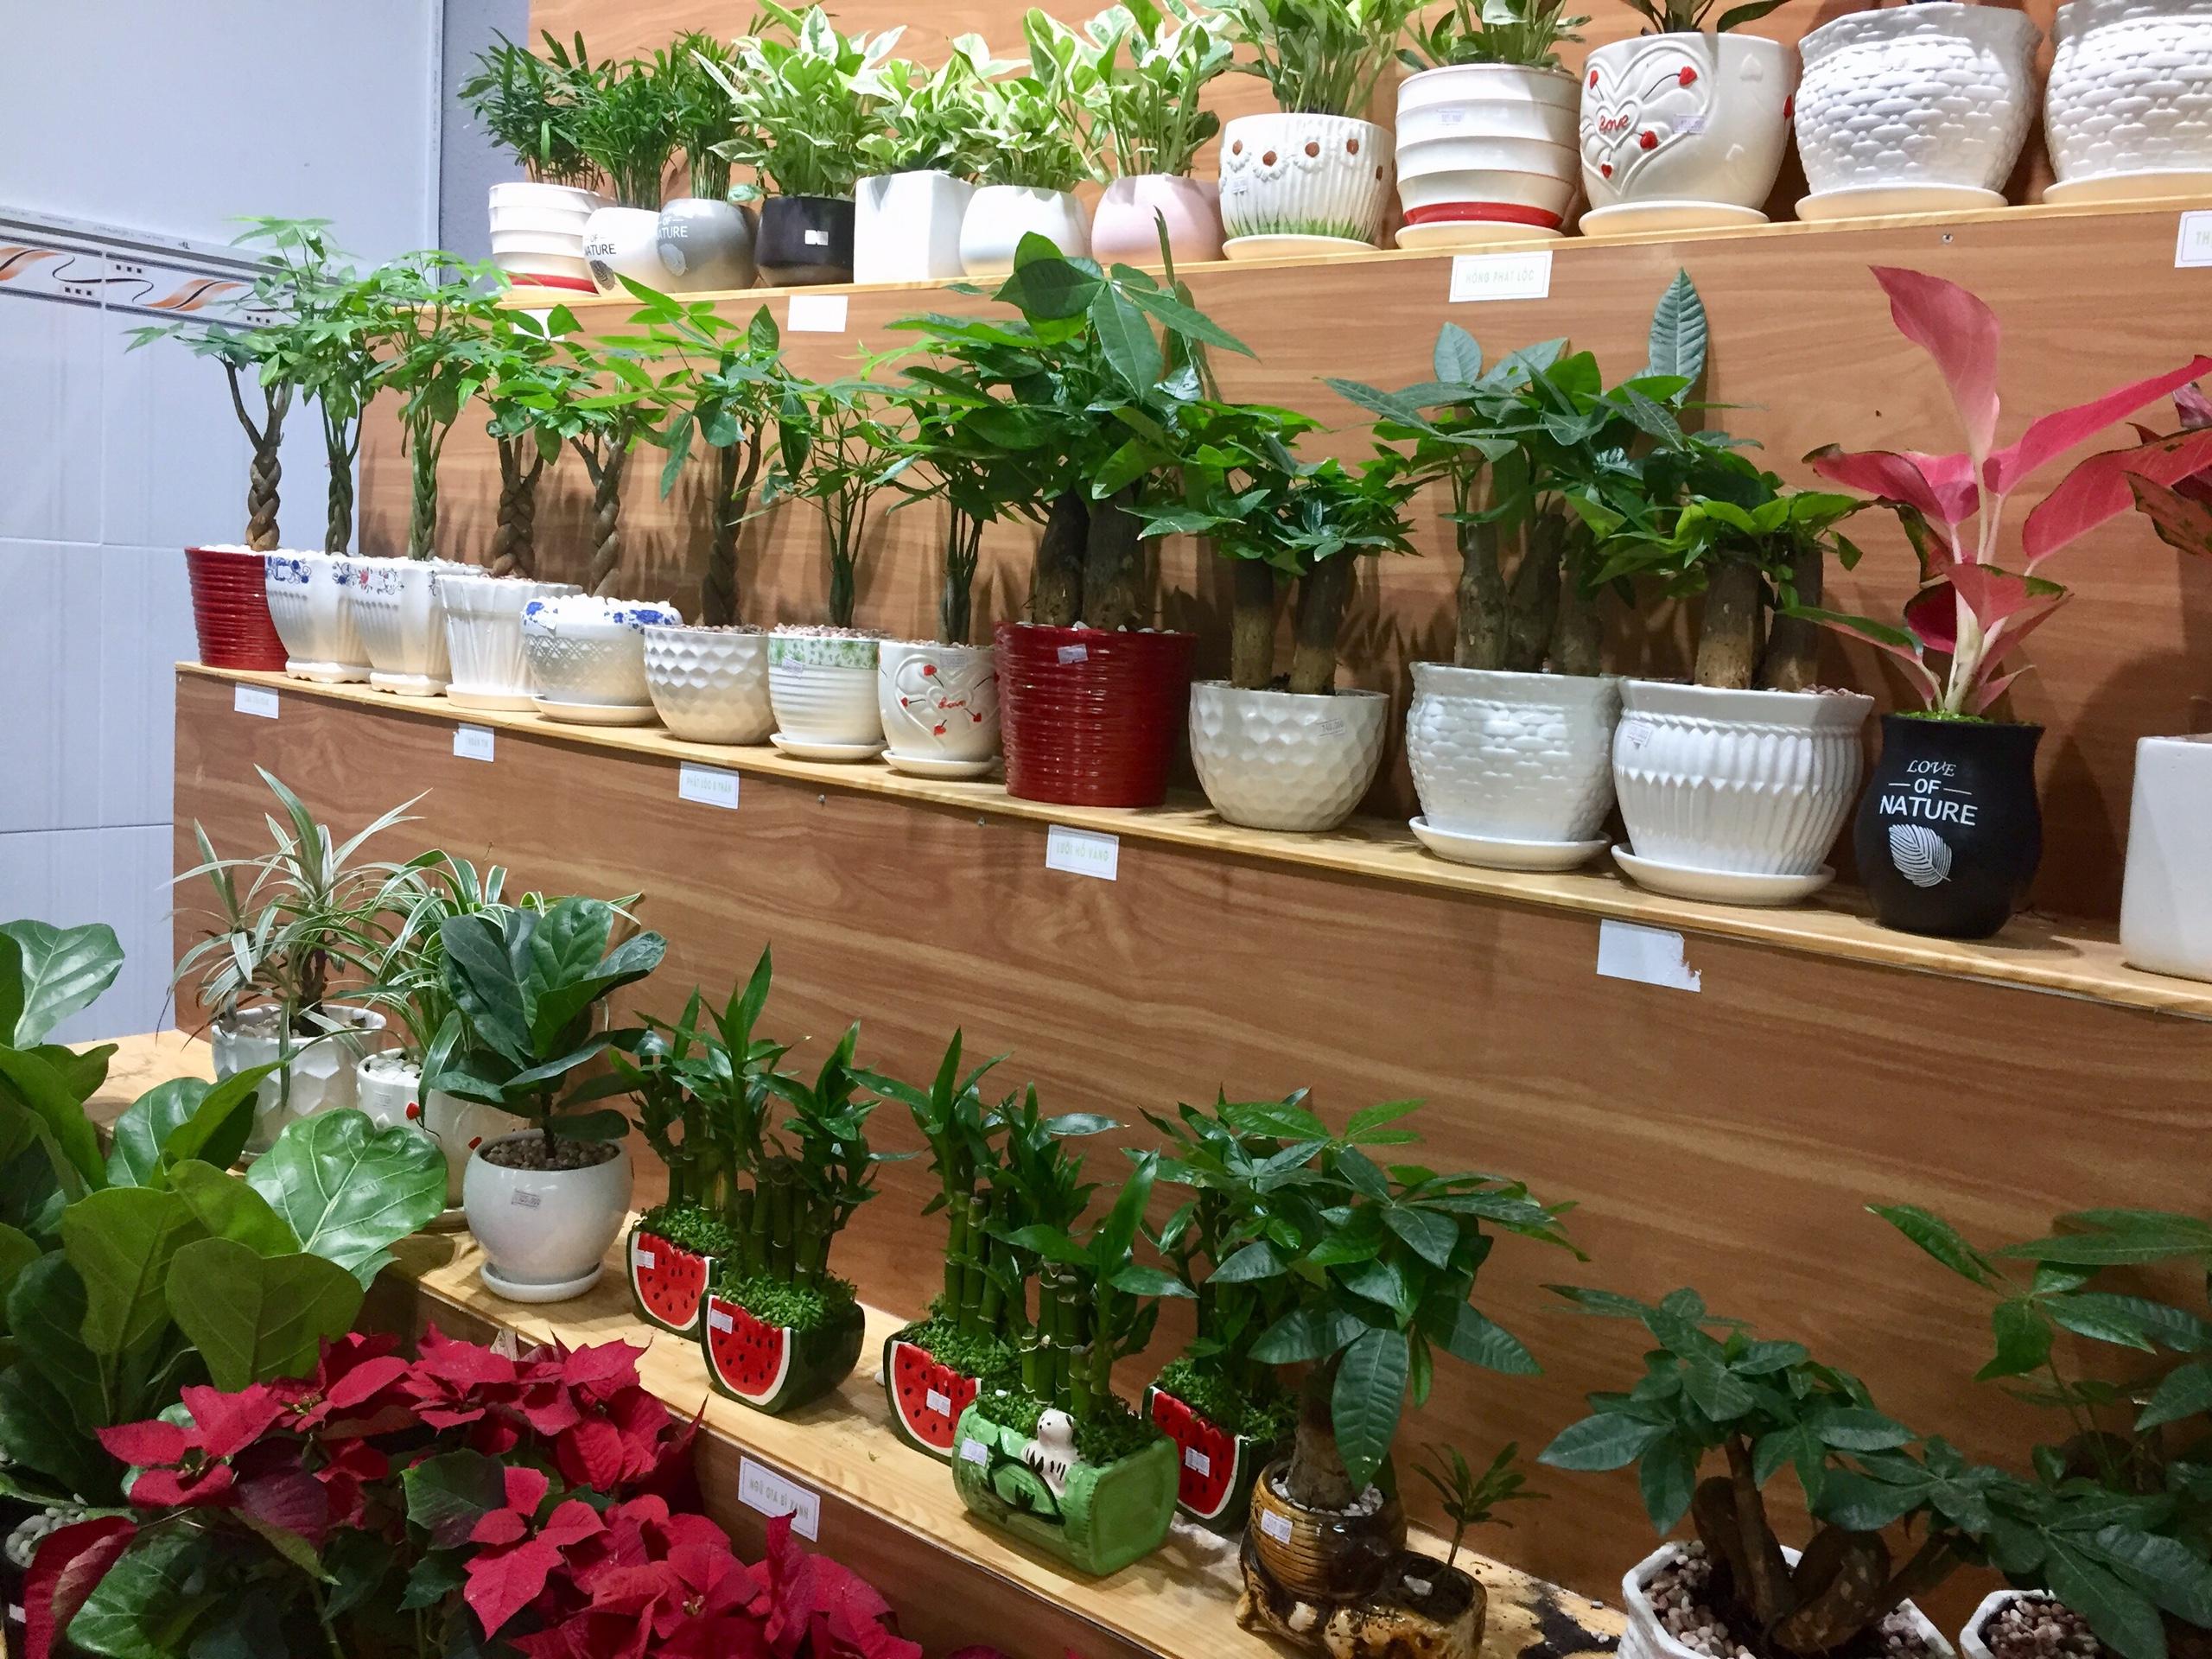 Mua cây phong thủy tại Vườn Cây Việt - Tại sao không?